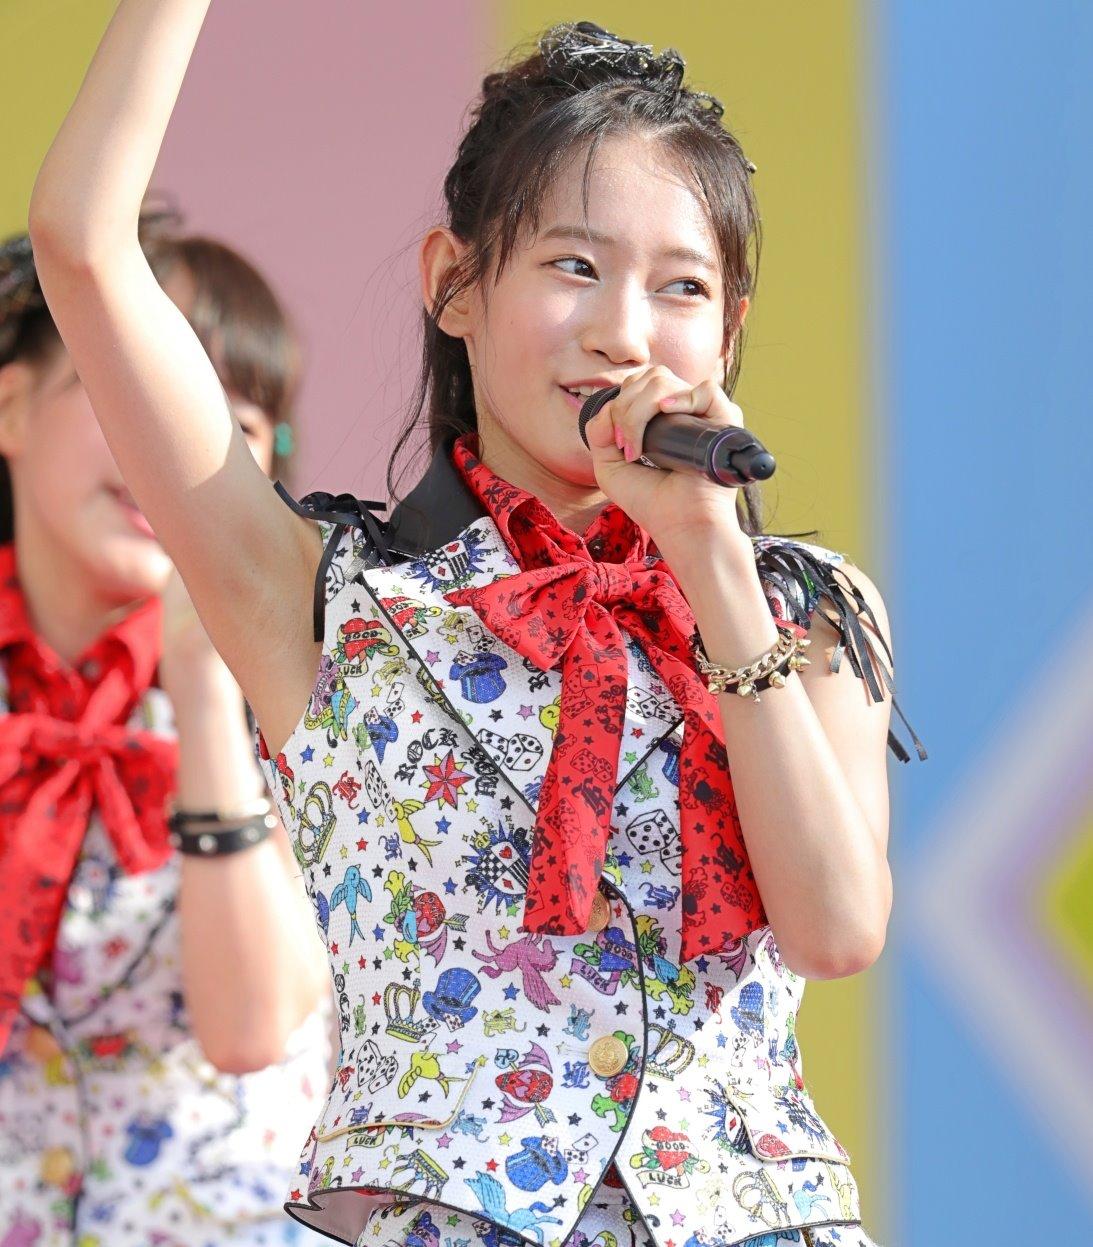 AKB48フレッシュ選抜メンバーの腋見せライブ (15)